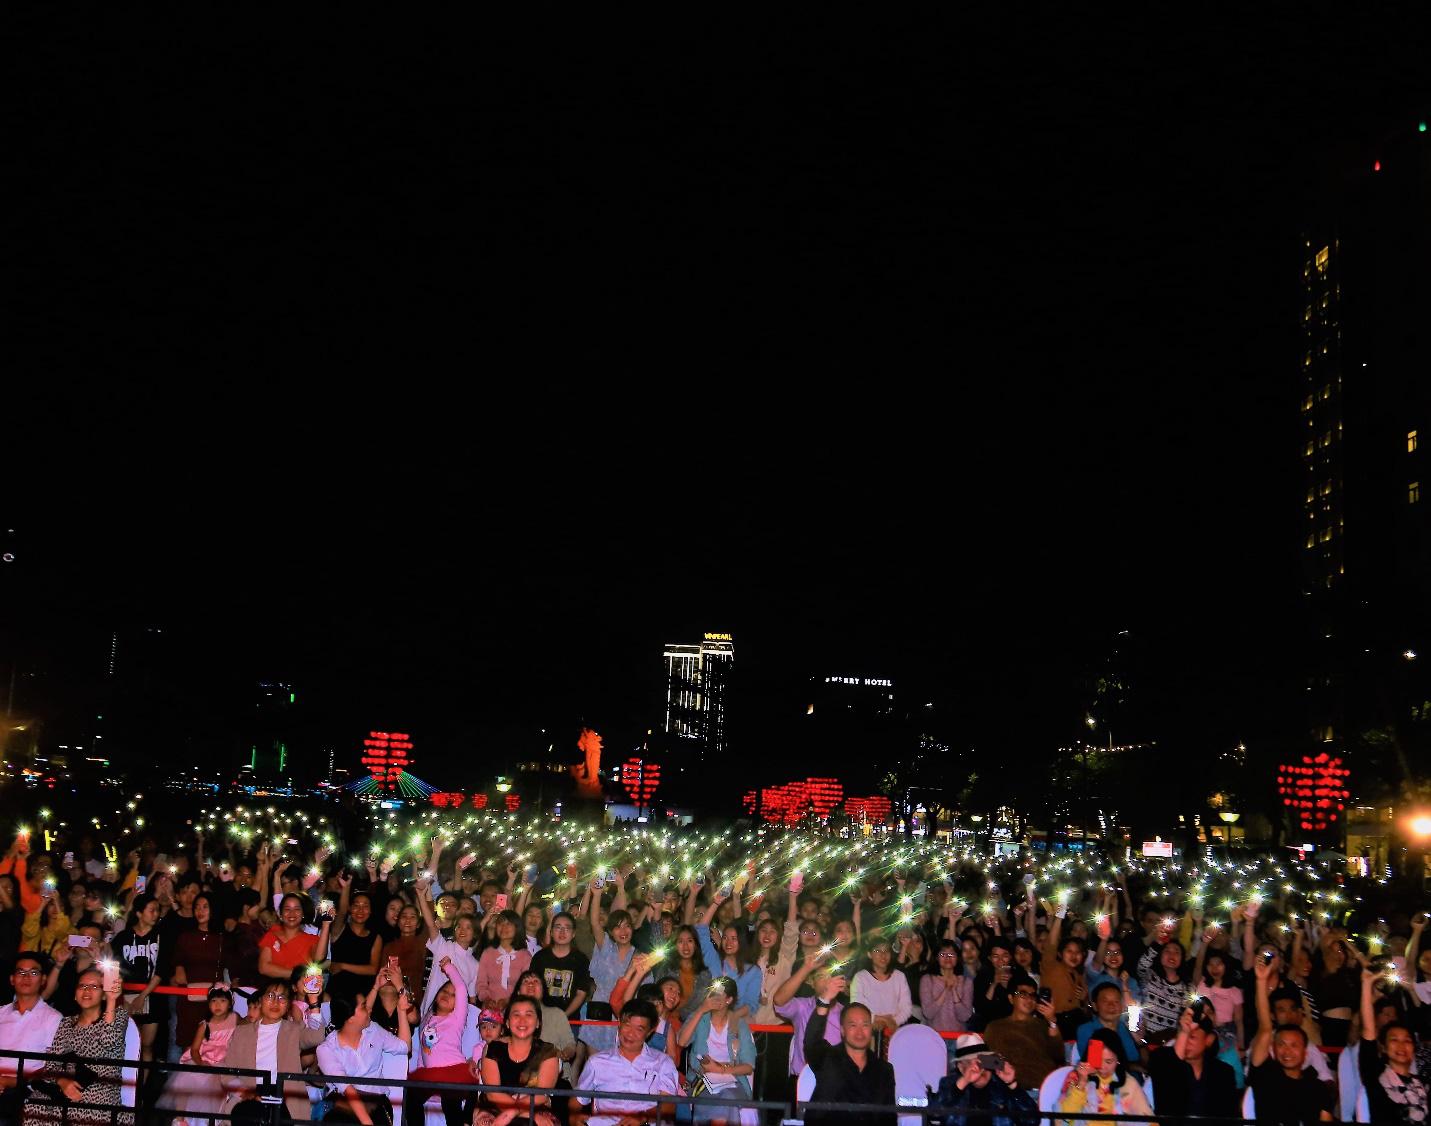 """Hơn 6.000 bạn trẻ Đà Nẵng bùng nổ cùng đại tiệc âm nhạc """"Highlands Coffee – 20 nắm gắn kết niềm tự hào đất Việt"""" - Ảnh 4."""